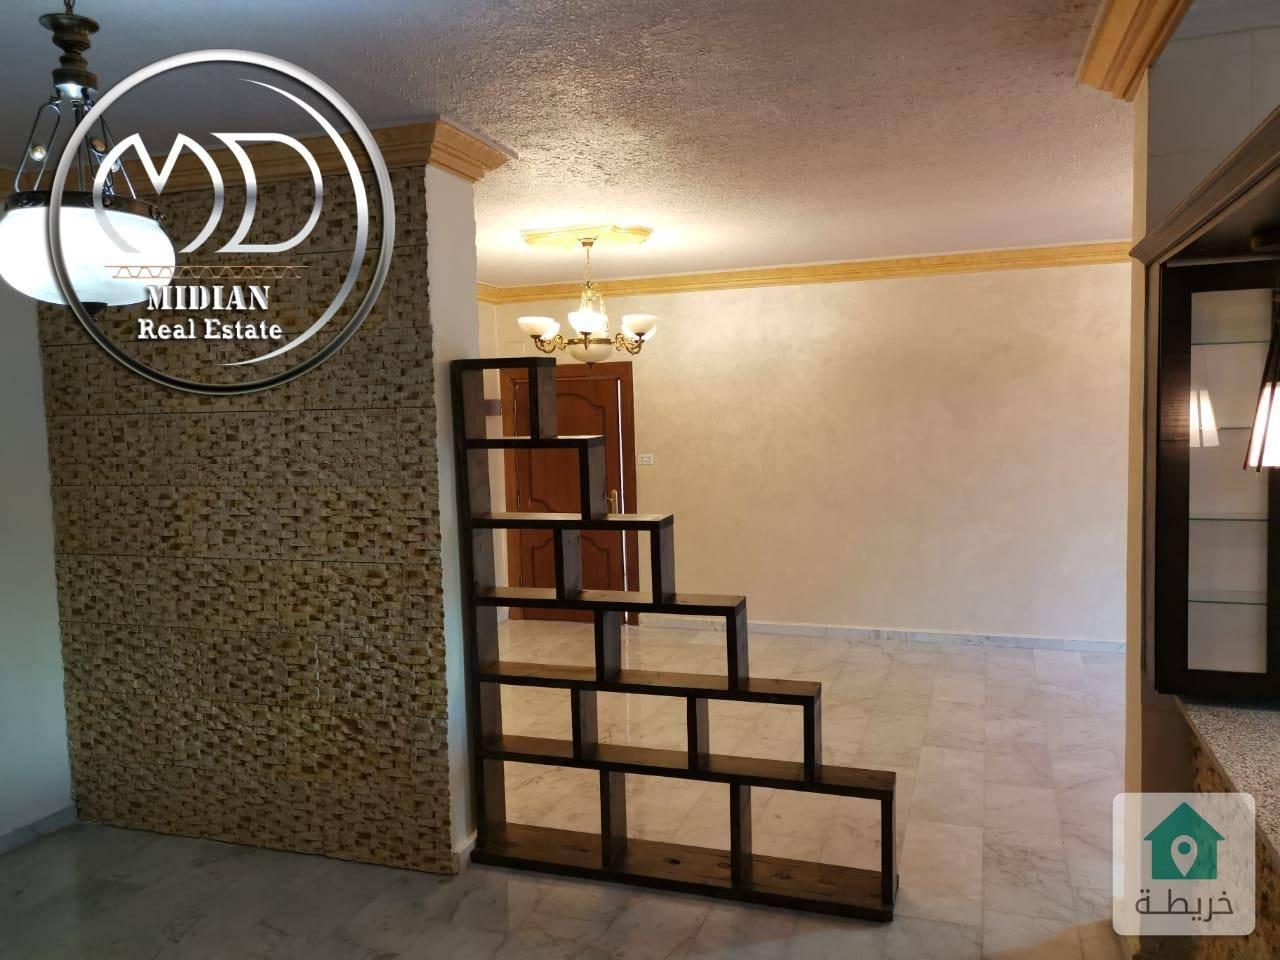 شقة ارضي معلق للبيع ضاحية الامير راشد مساحة 150م سوبر ديلوكس بسعر مناسب